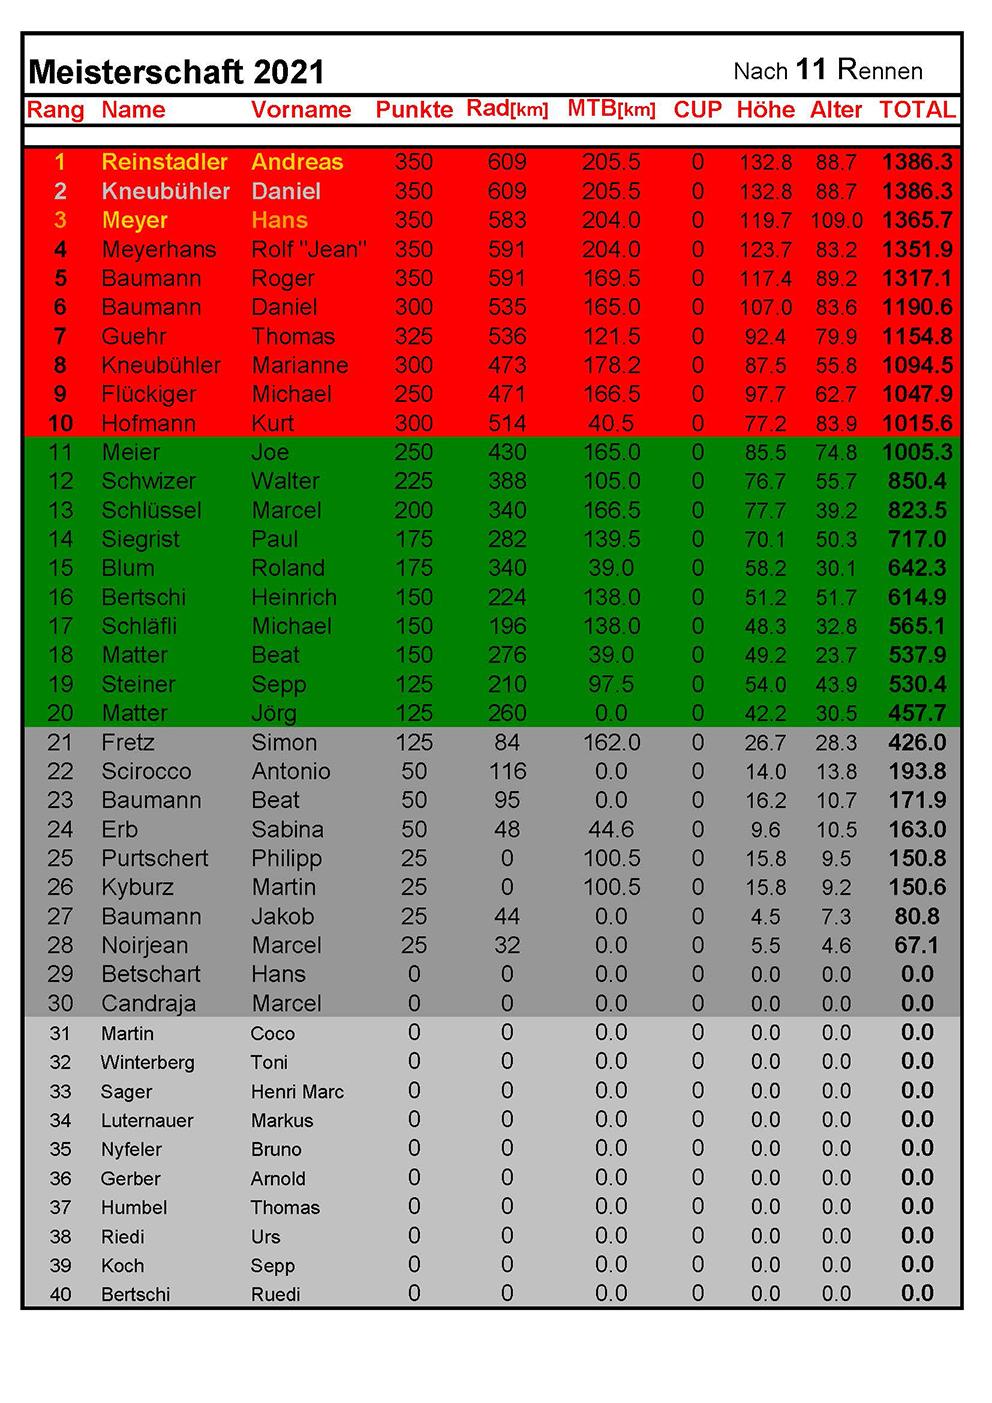 Rangliste2021 - nach 11Rennen